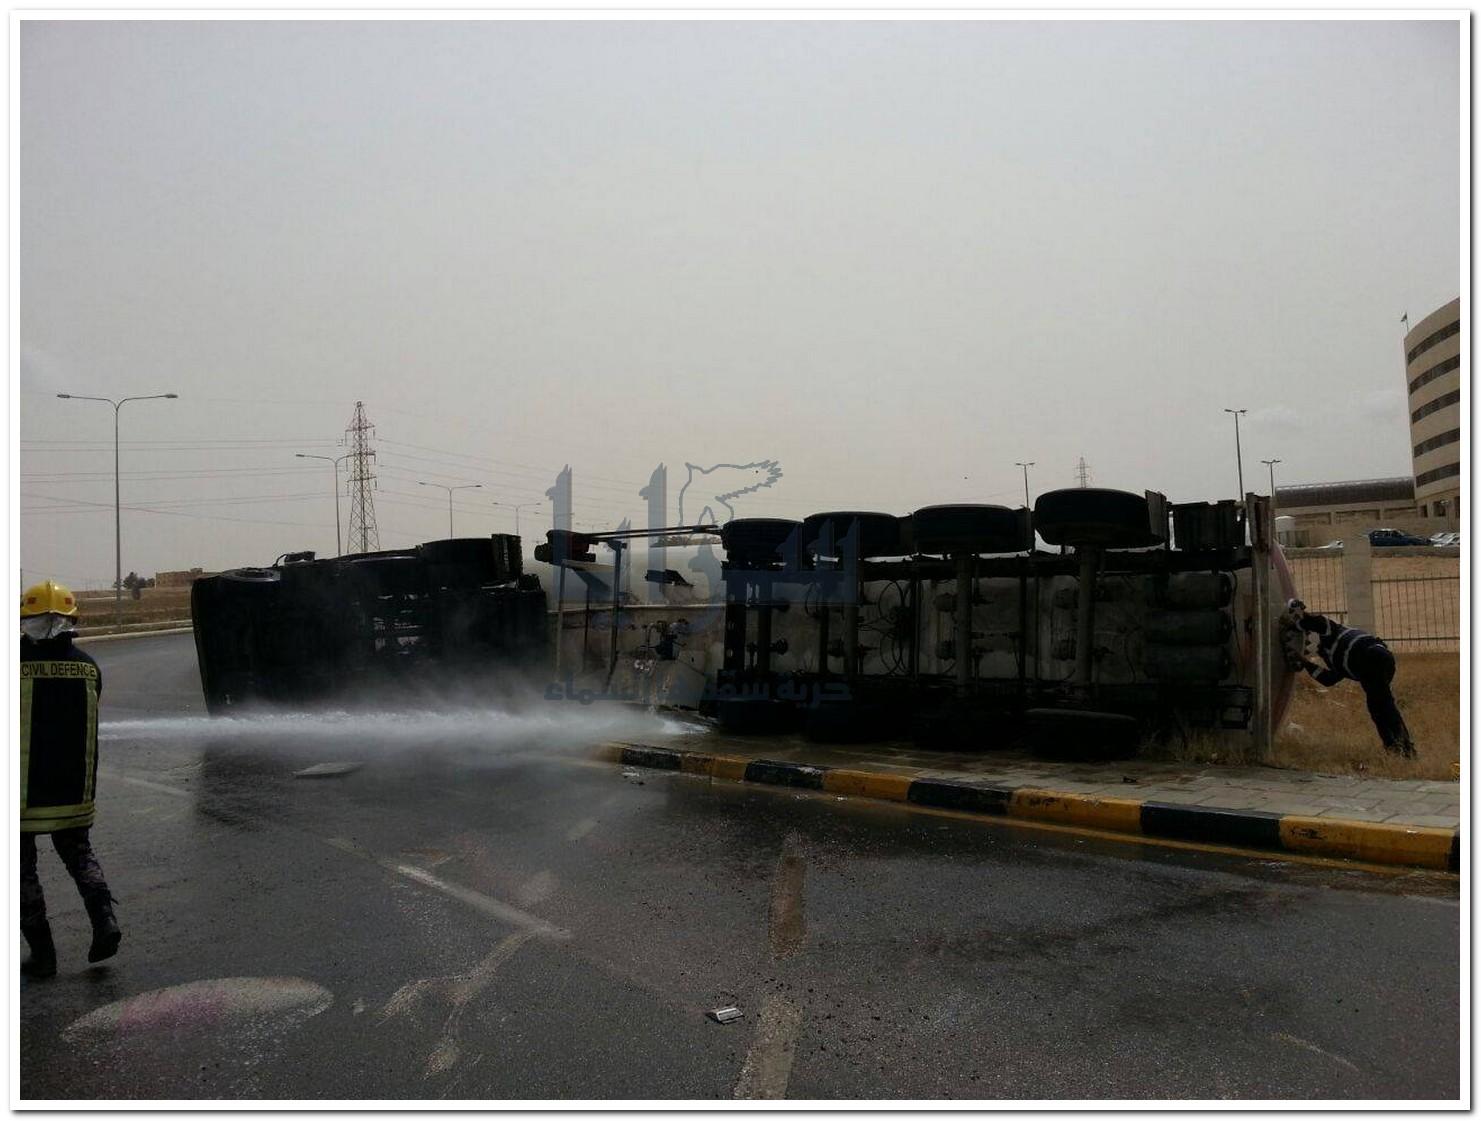 """تدهور صهريج محمل بالغاز قرب مستشفى الزرقاء الحكومي و اصابة سائقه """" صور """""""